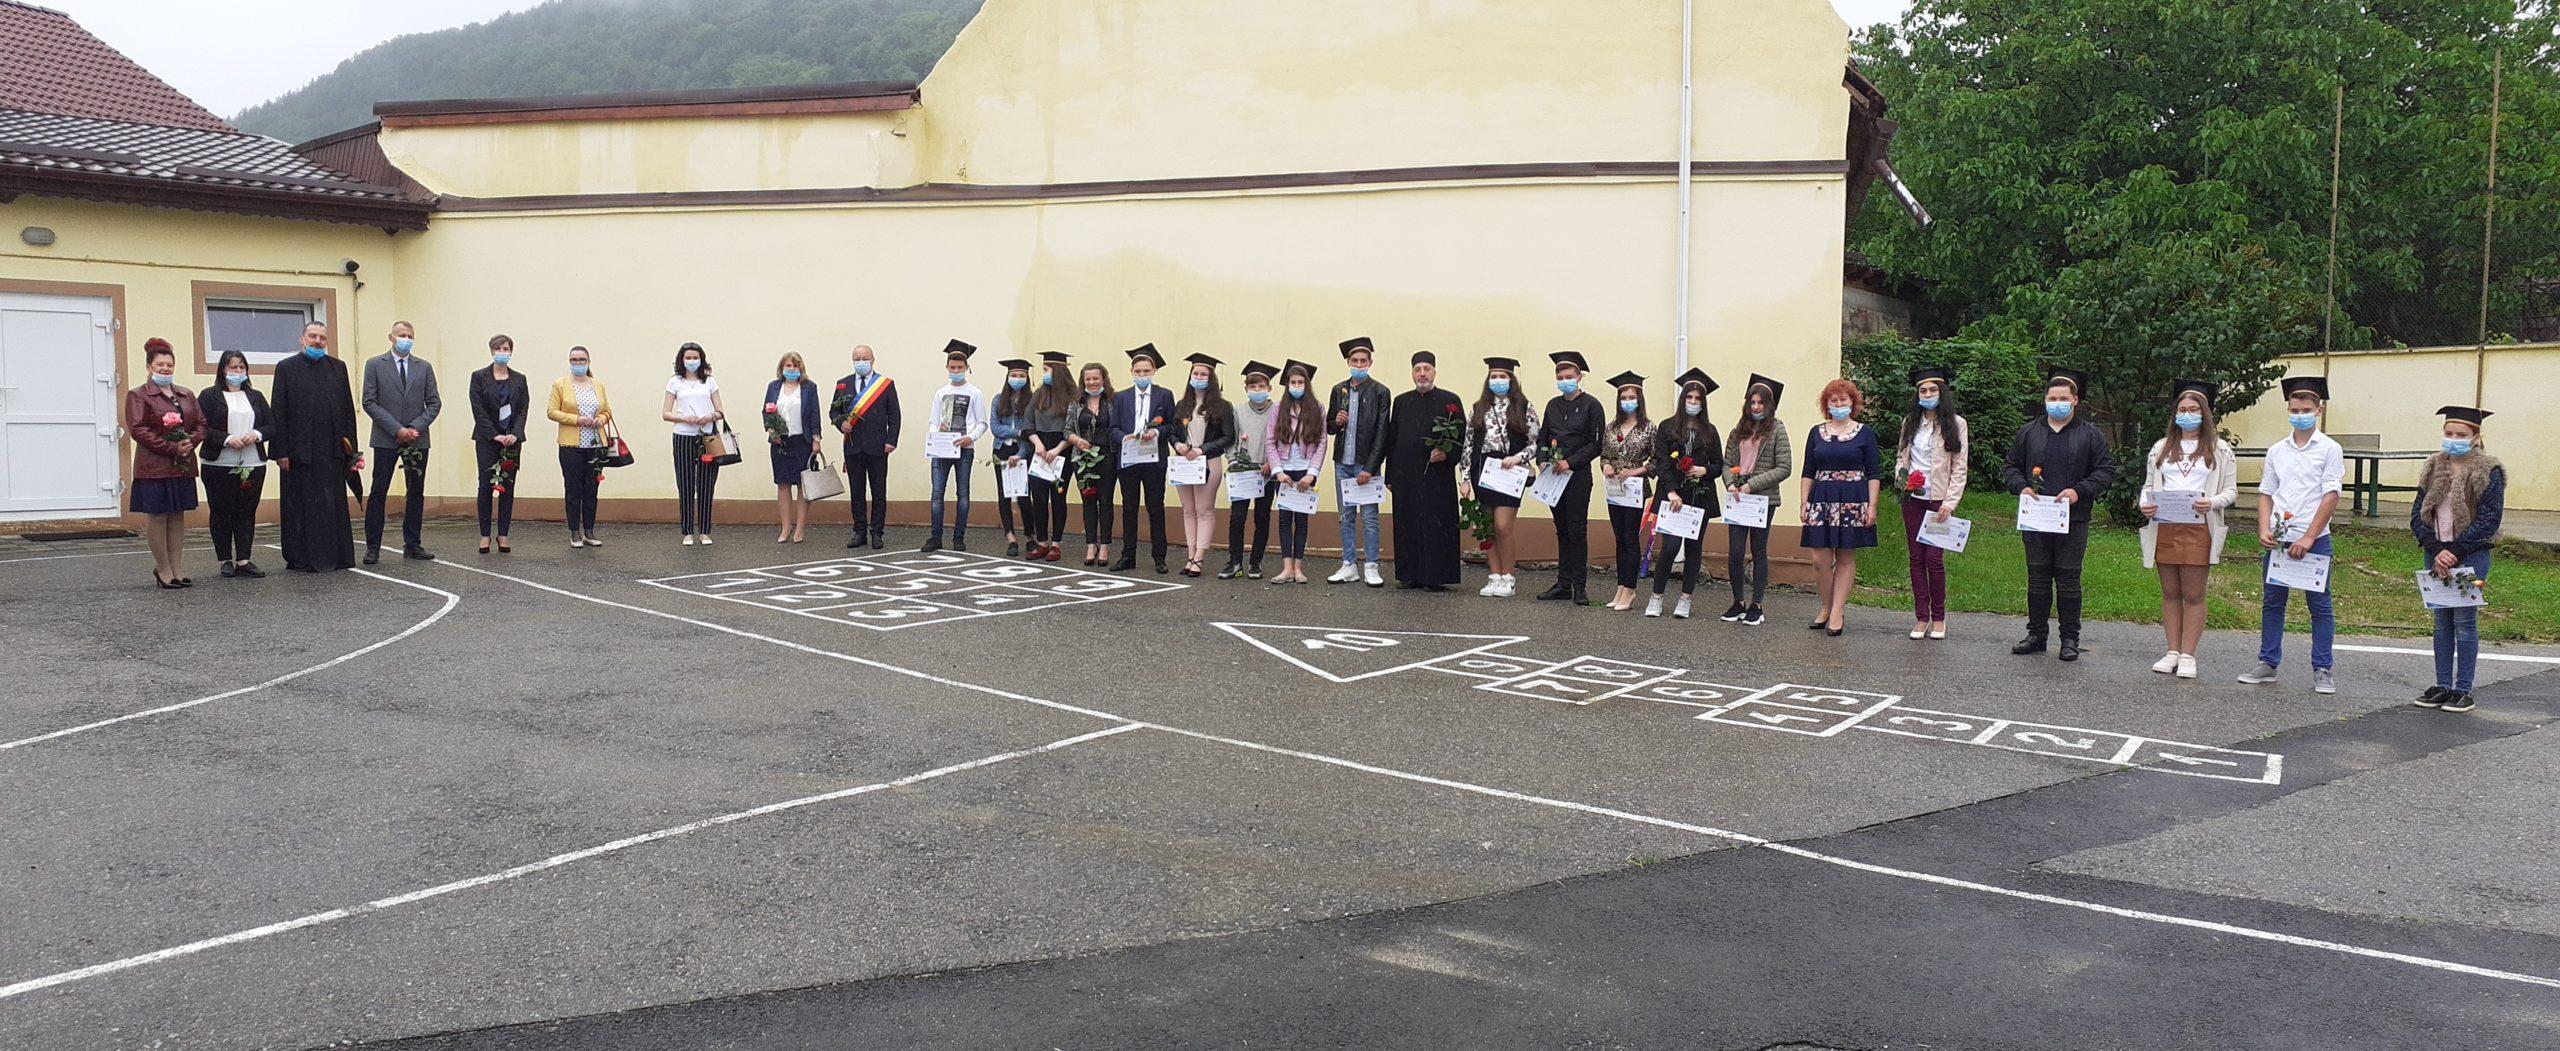 Ultimul clopoțel pentru absolvenții clasei a VIII-a din Sadu